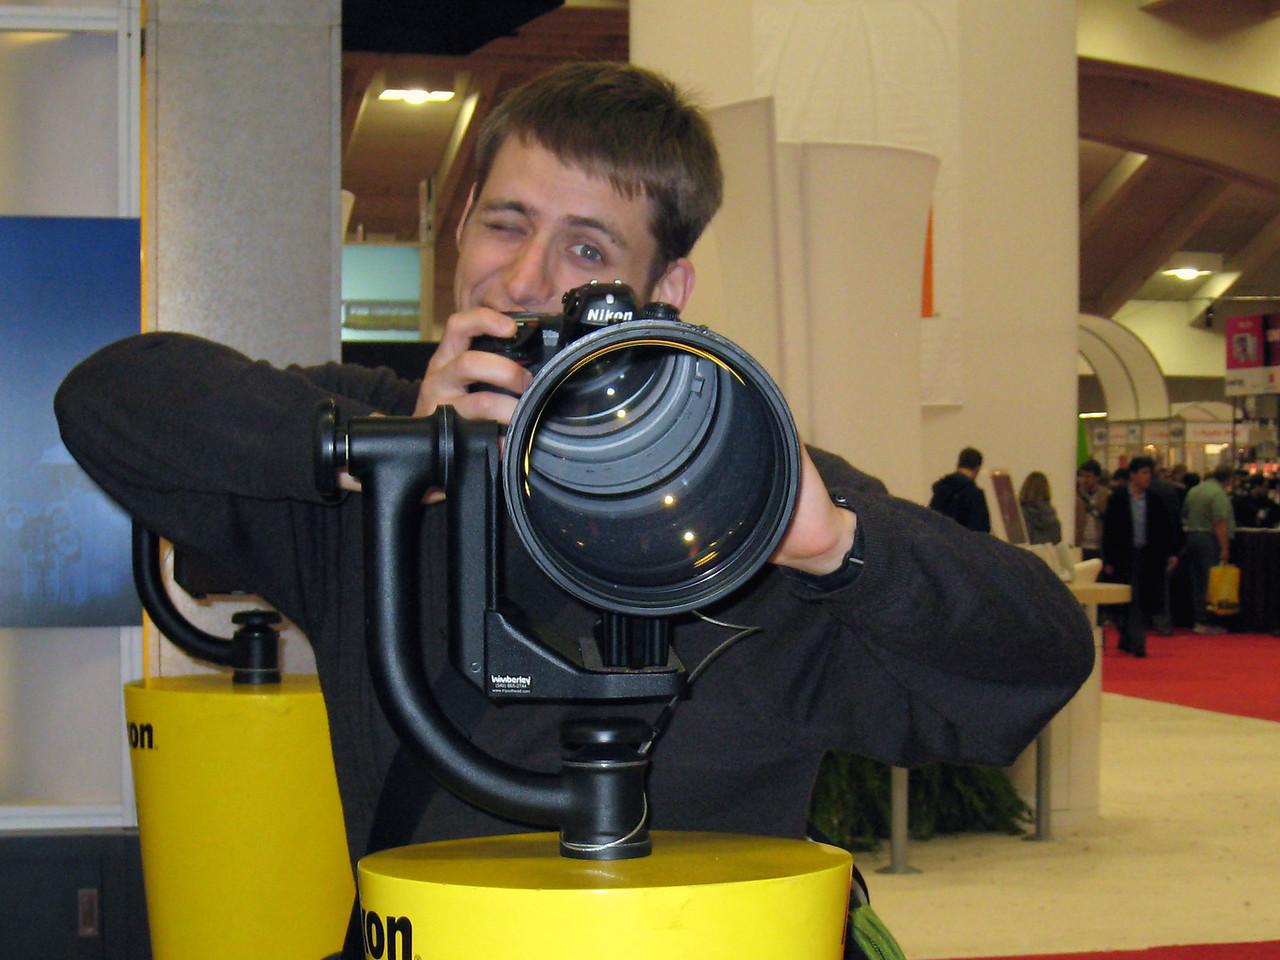 2007 01 12 Fri - From Amy Wong's camera - Cory Benavides & the Nikon Big Mama lens